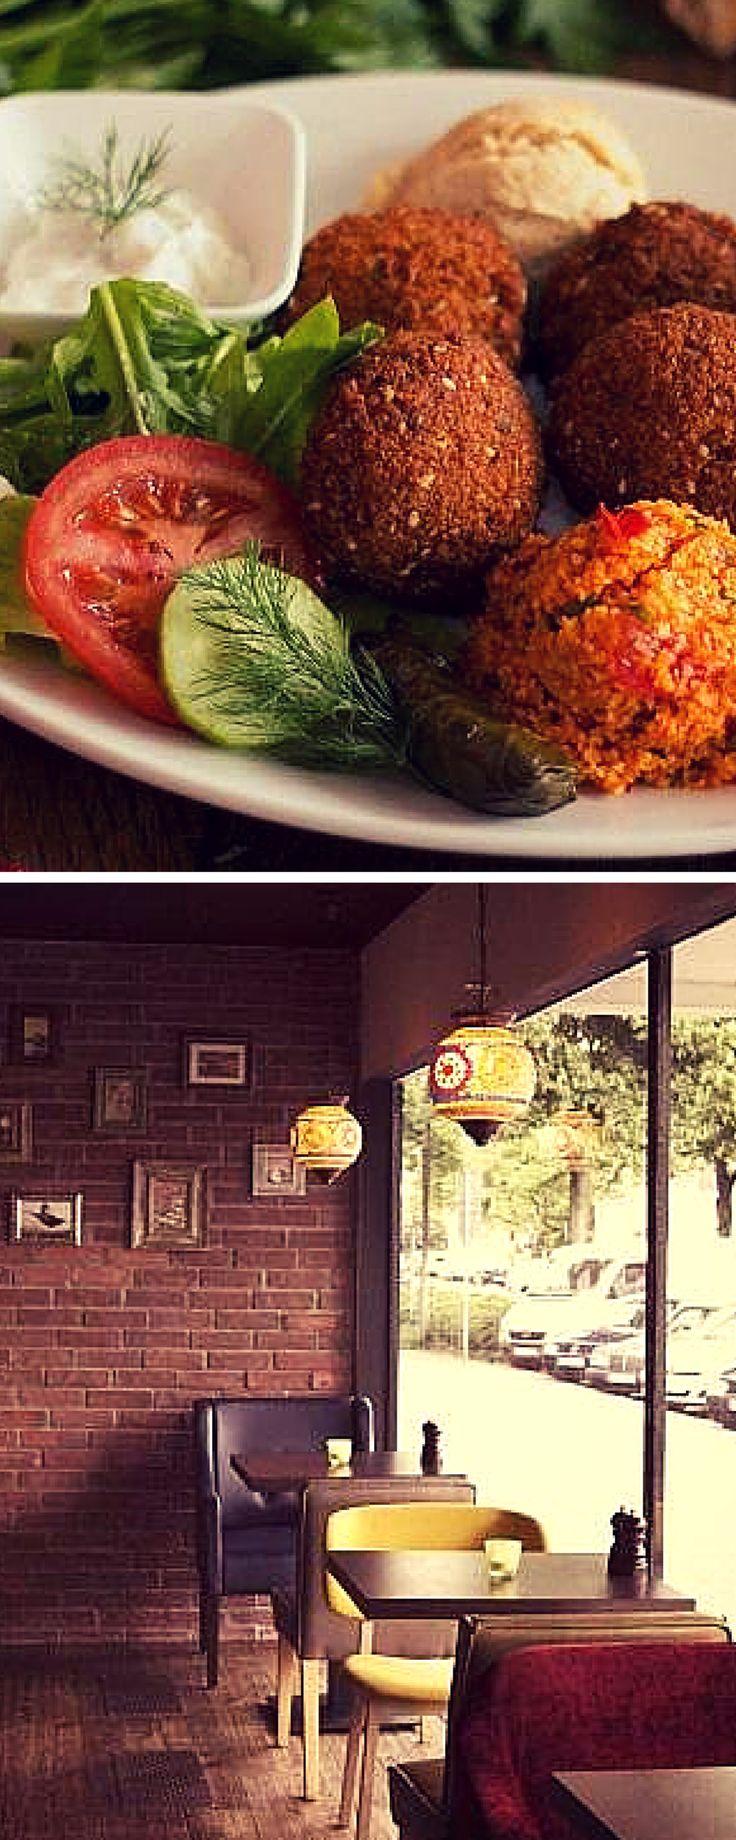 """Im Restaurant """"Morgenland"""" in Barmbek heißt es sowohl Salam als auch Moin Moin. Hier wird ein bunter Mix der beliebtesten Speisen aus dem Orient + Spezialitäten wie Kumpir geboten. Hingehen!"""